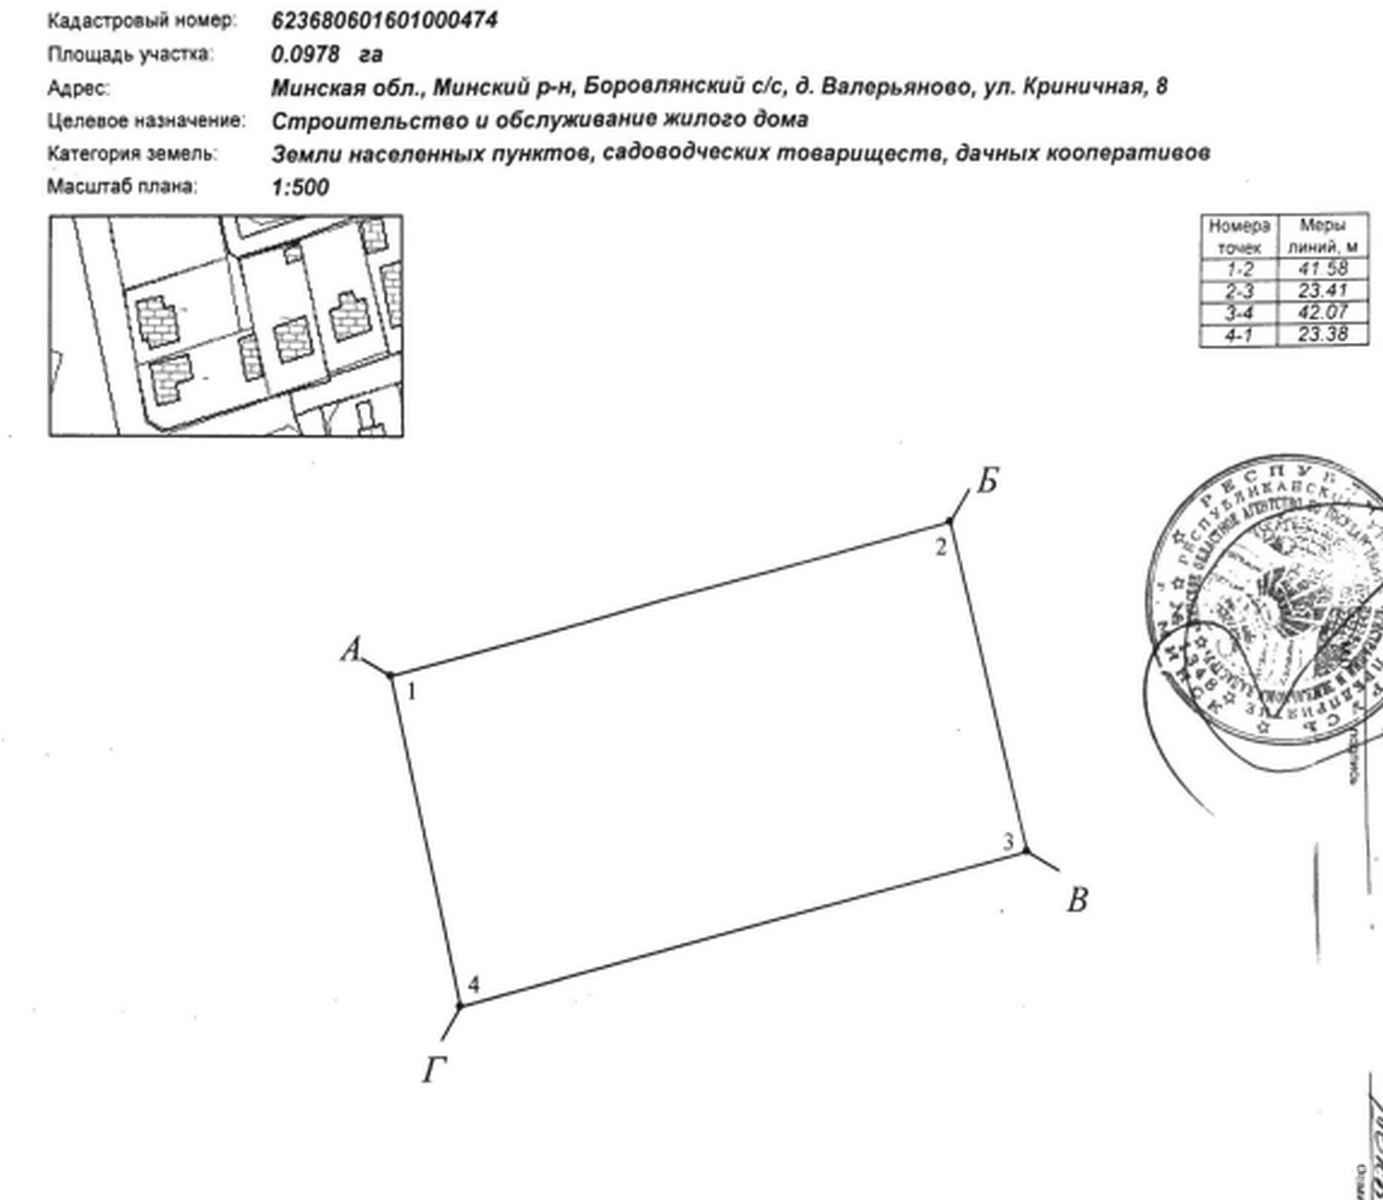 Купить земельный участок, 10 соток, Валерьяново, Минская область - фото 6